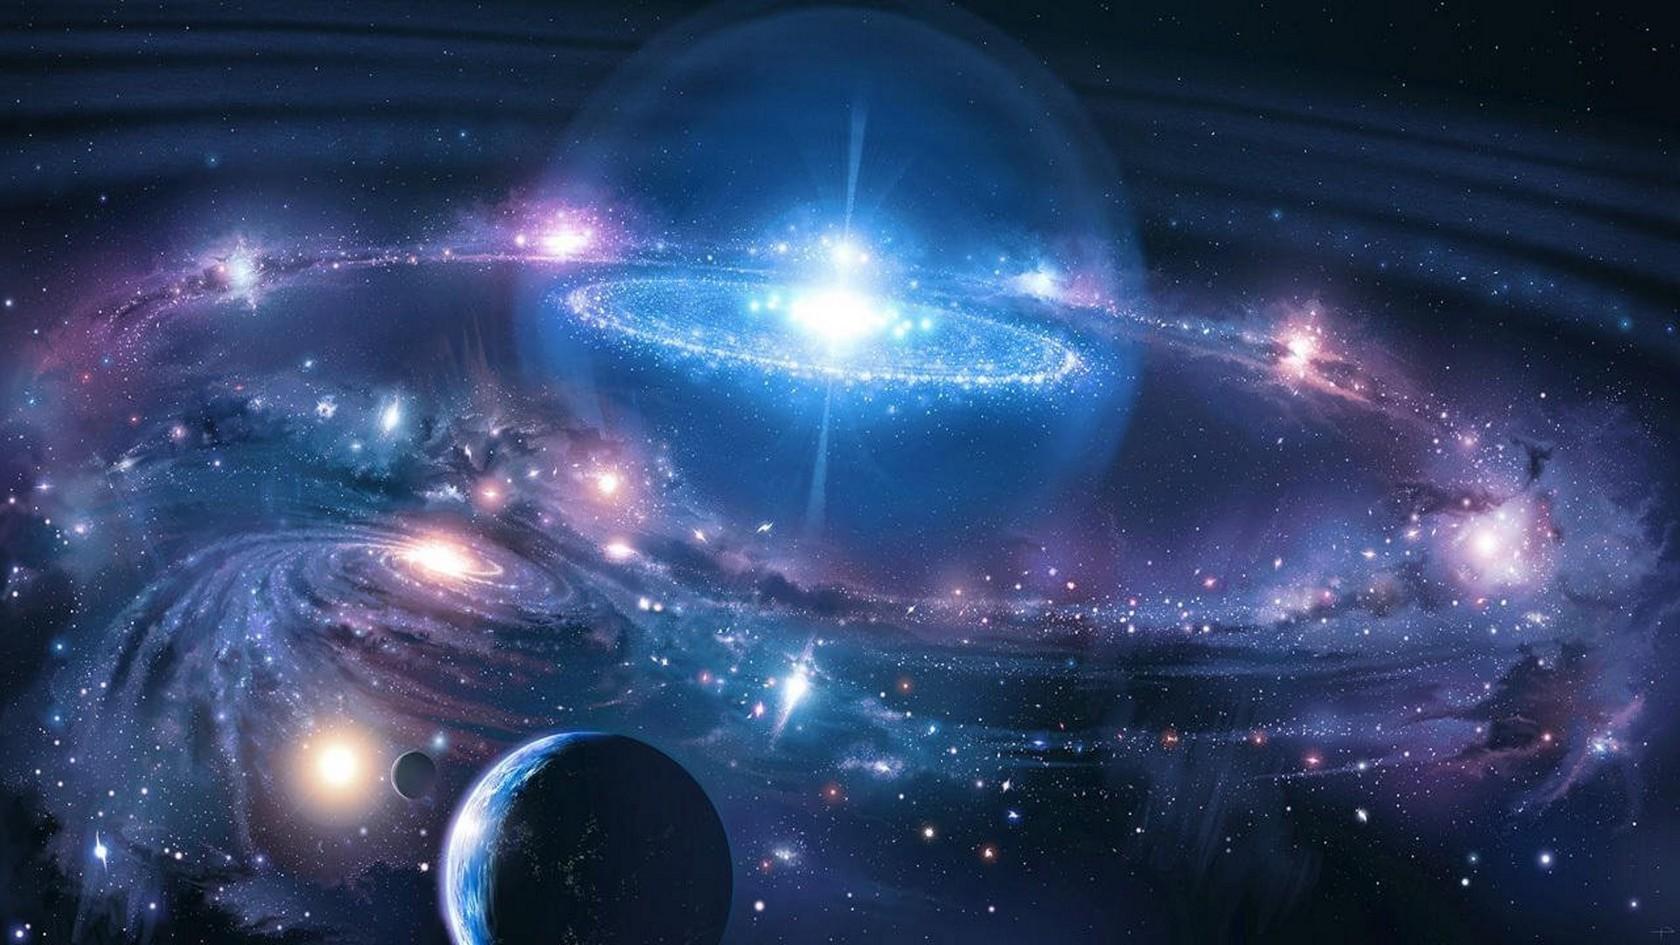 Bạn sẽ làm gì trong khi đợi proton phân rã hết? Đi dạo vài vòng quanh vũ trụ để chờ có vẻ là cách hợp lý.